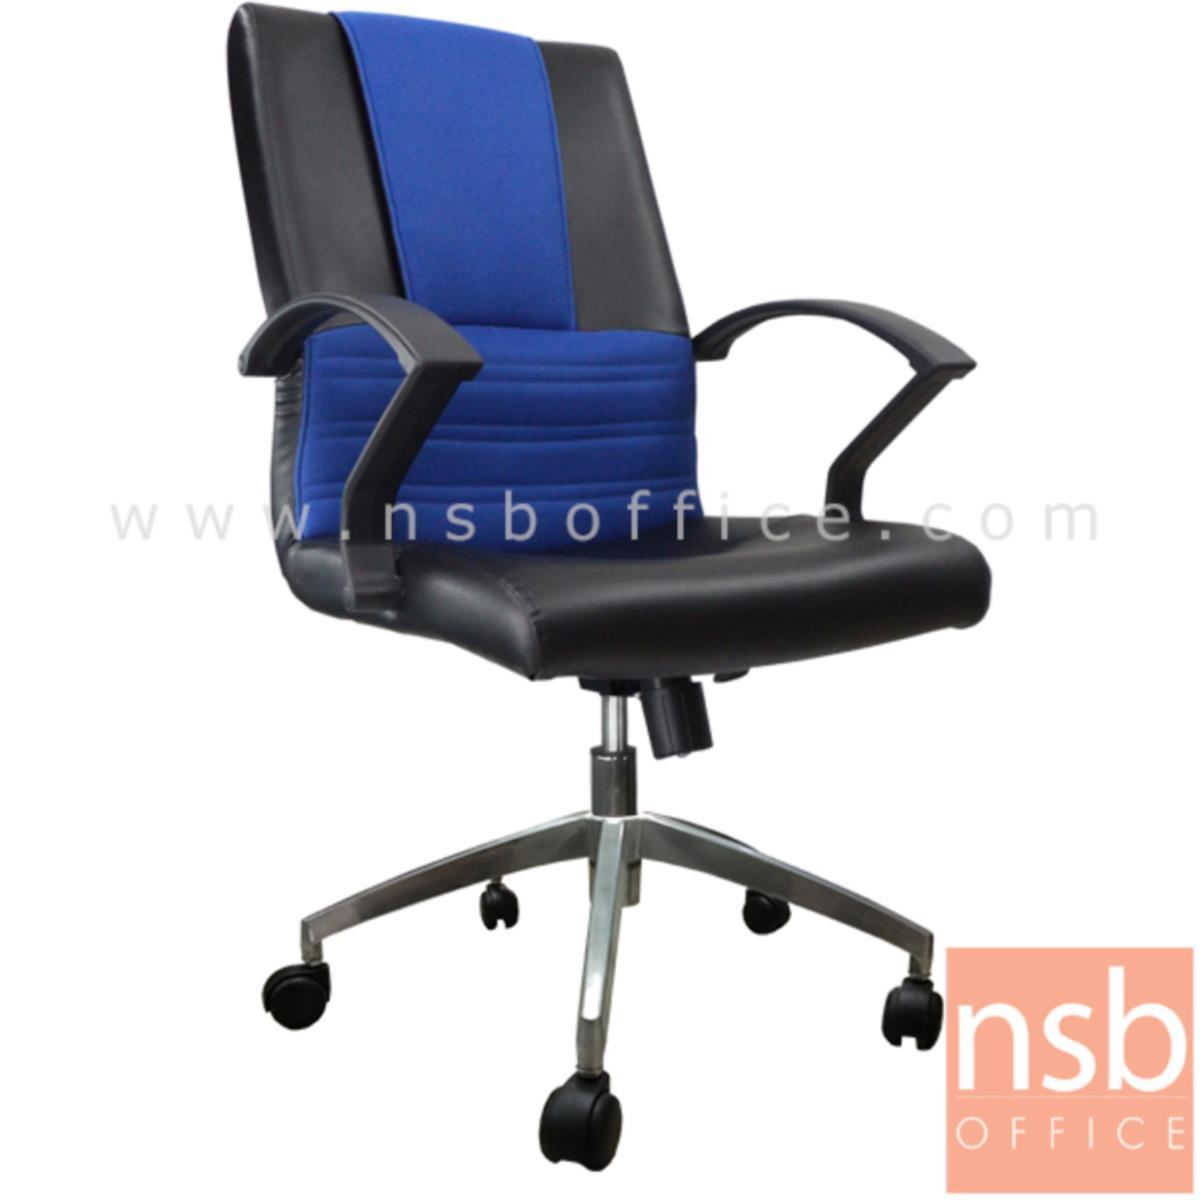 B03A328:เก้าอี้สำนักงาน รุ่น Germanotta (เจอร์มาน็อตตา)  โช๊คแก๊ส มีก้อนโยก ขาเหล็กชุบโครเมี่ยม